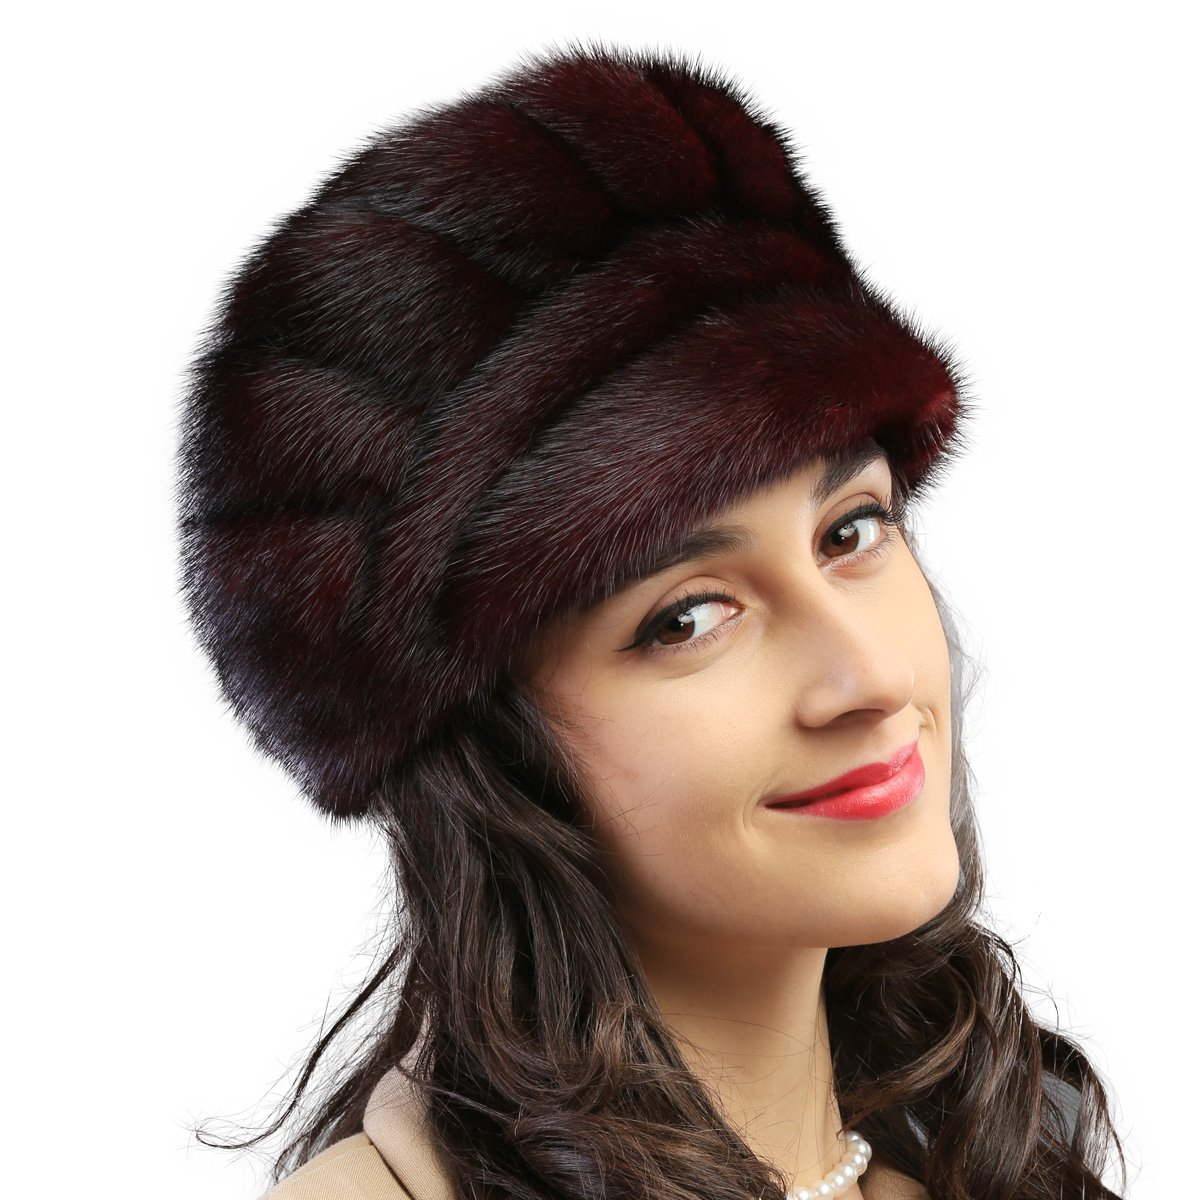 Mandy's Women's Winter Warm Ear Muff Rex Mink Fur Caps Hats (one size(21''-23''), Coffee)